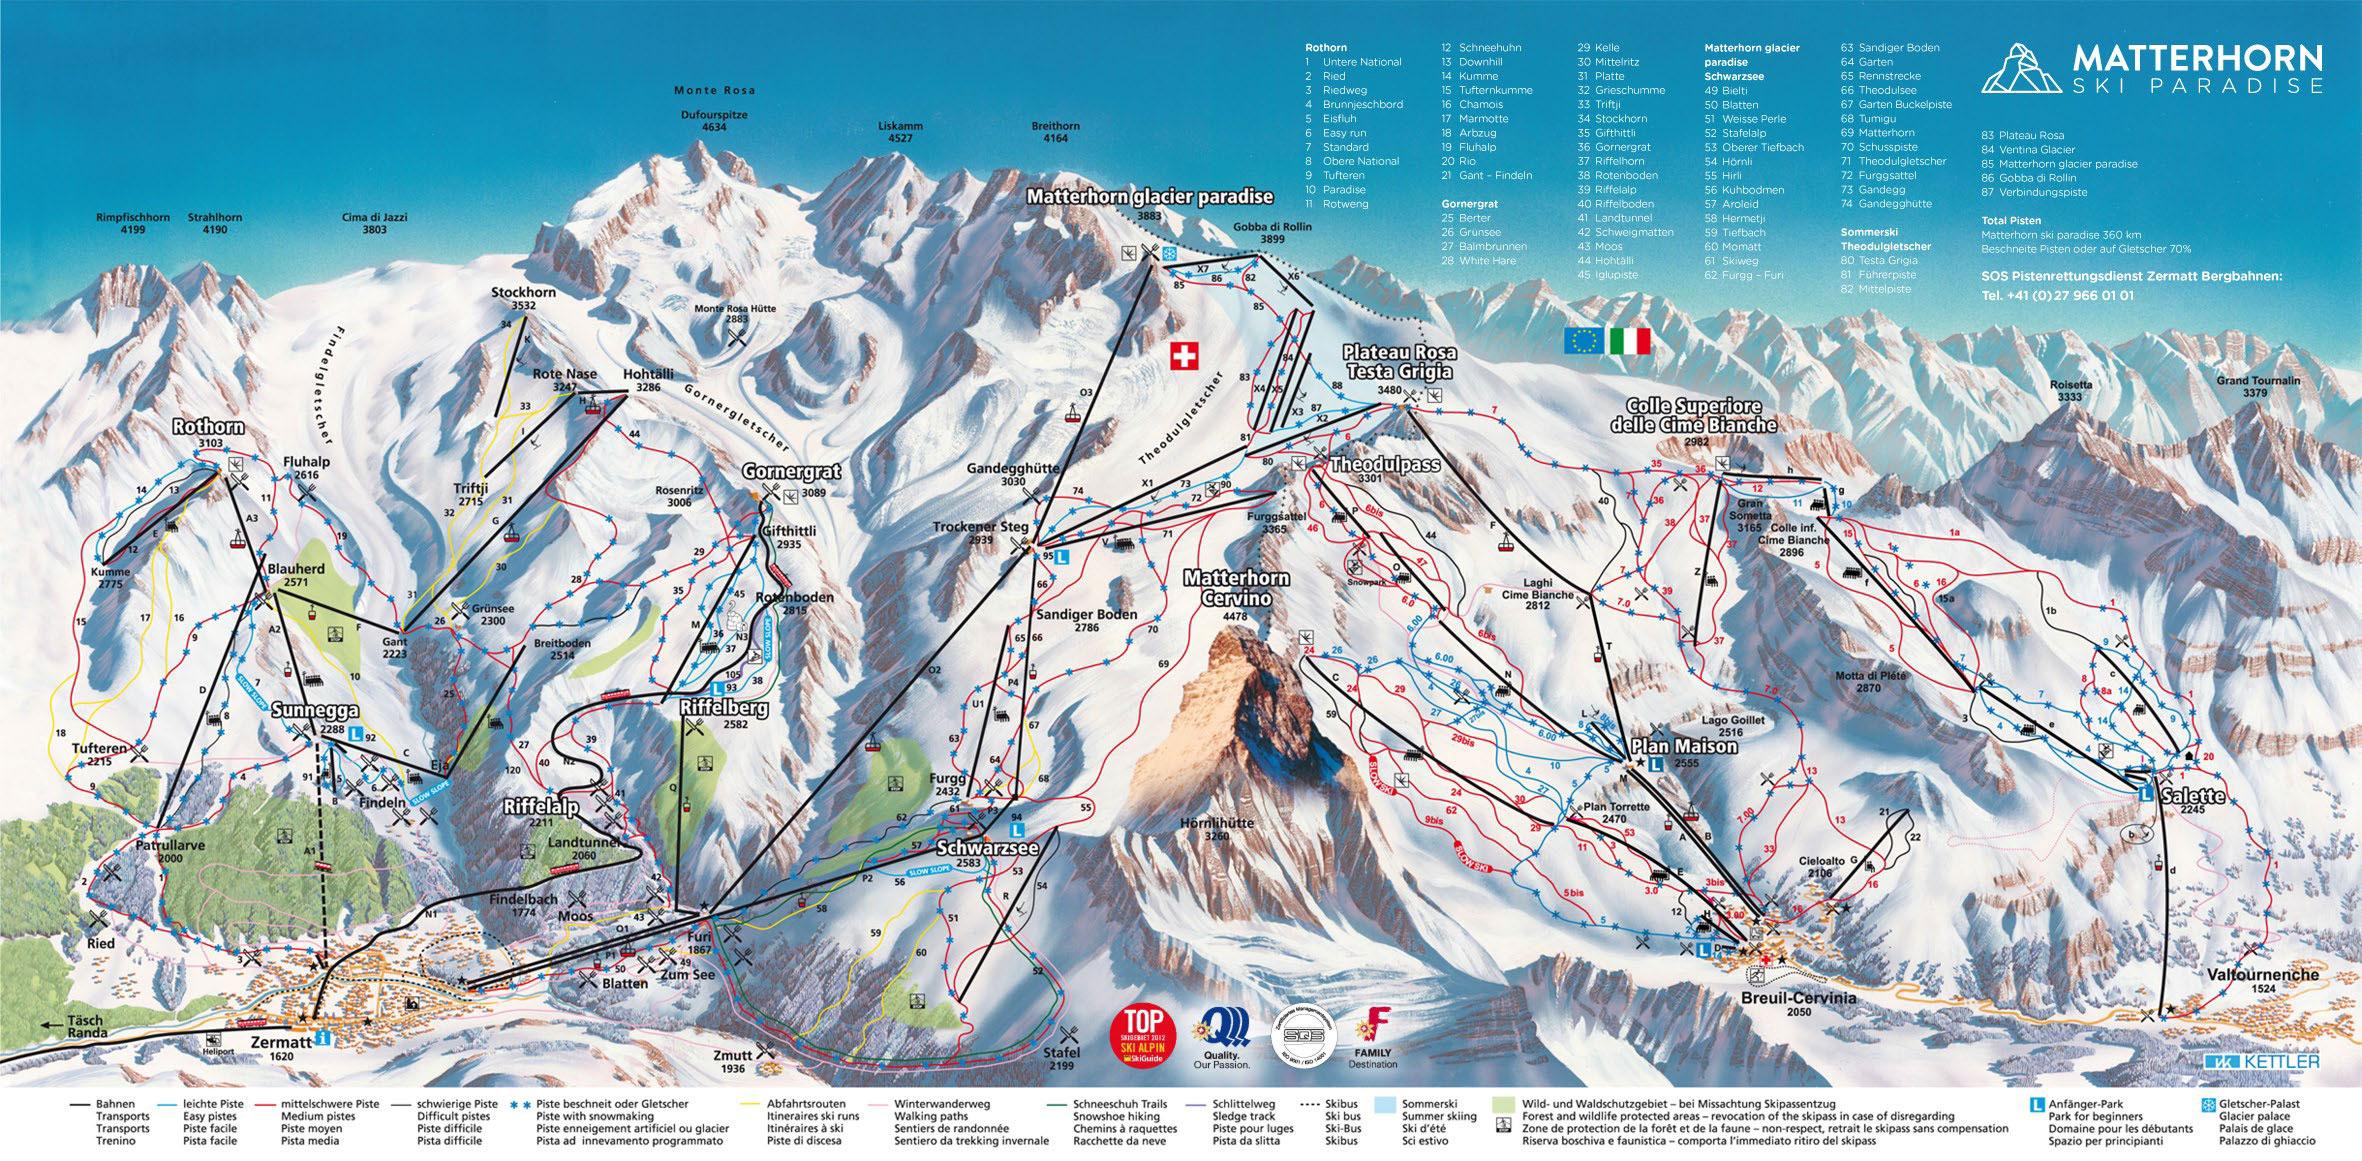 Zermatt Plan des pistes